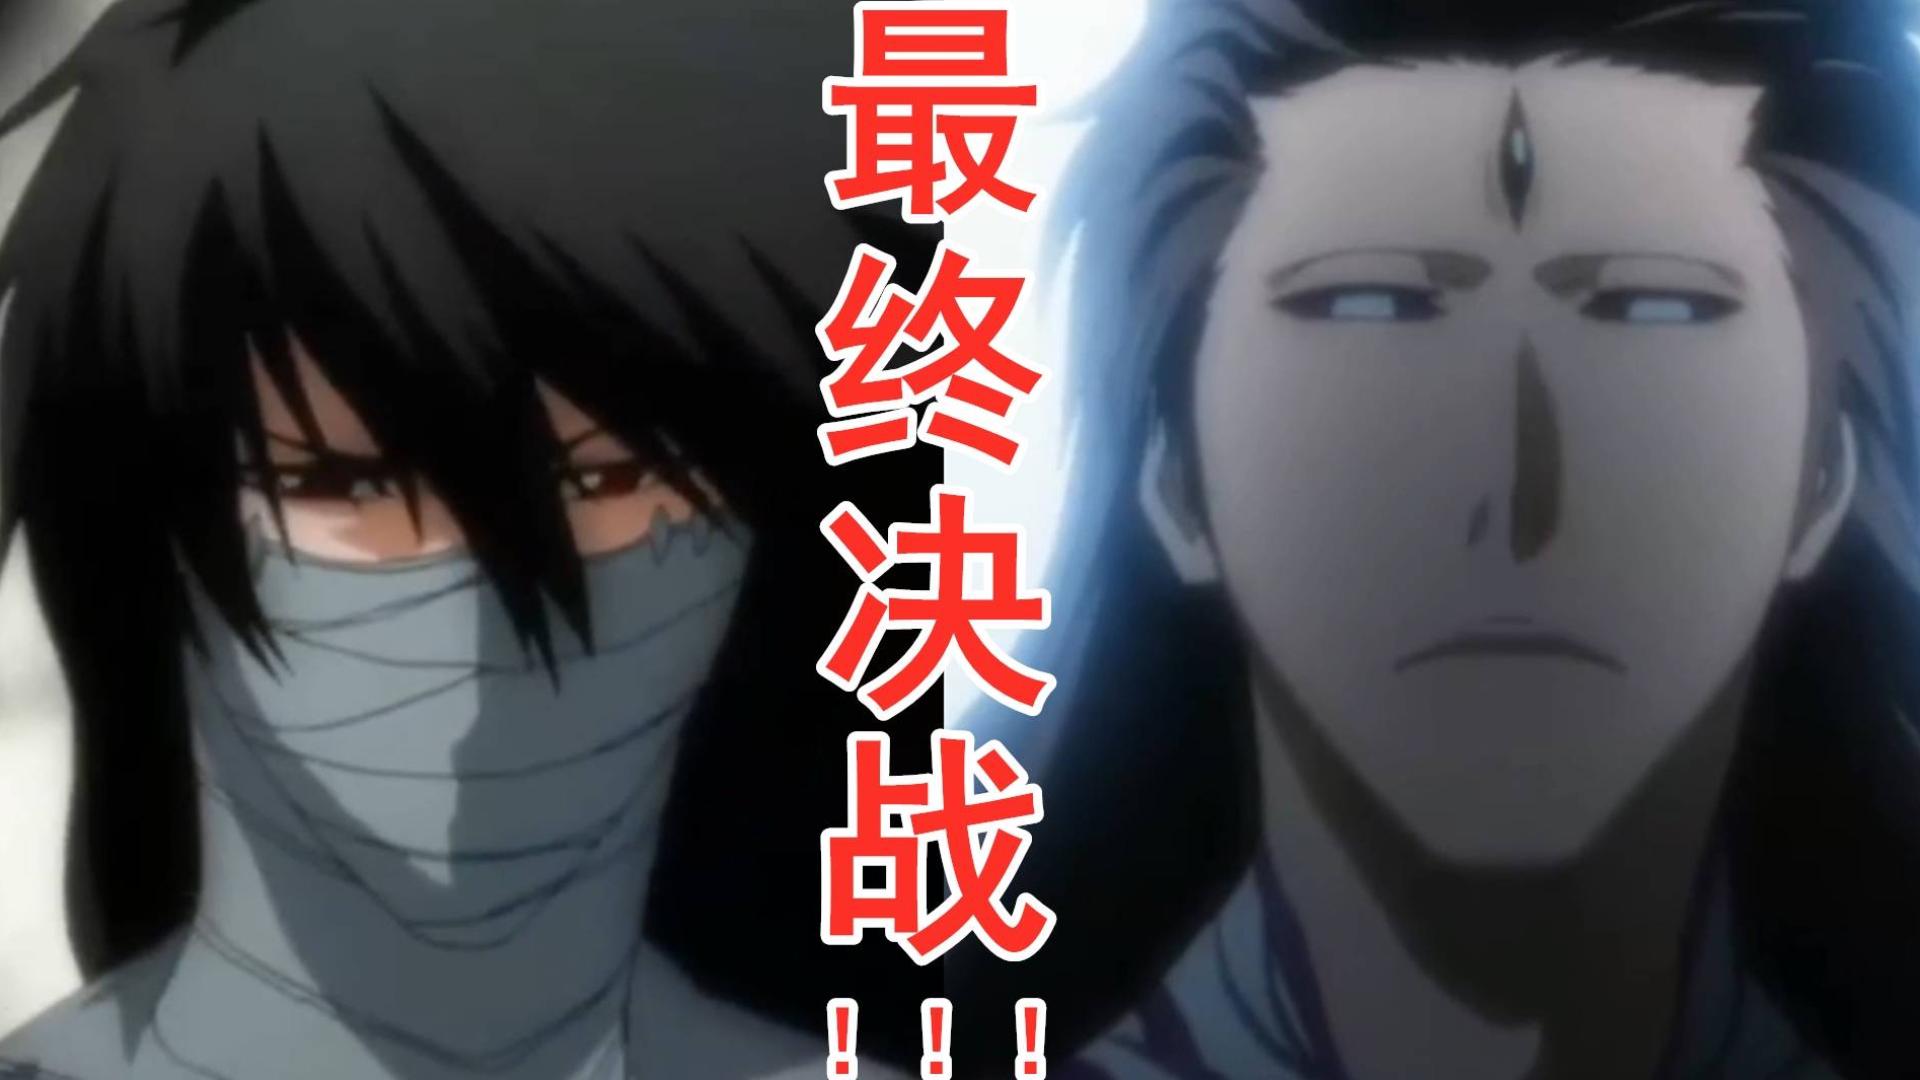 【死神人物日记04】蓝染惣右介—最终决战篇—即使坠落于地,你也仍是永远的神。